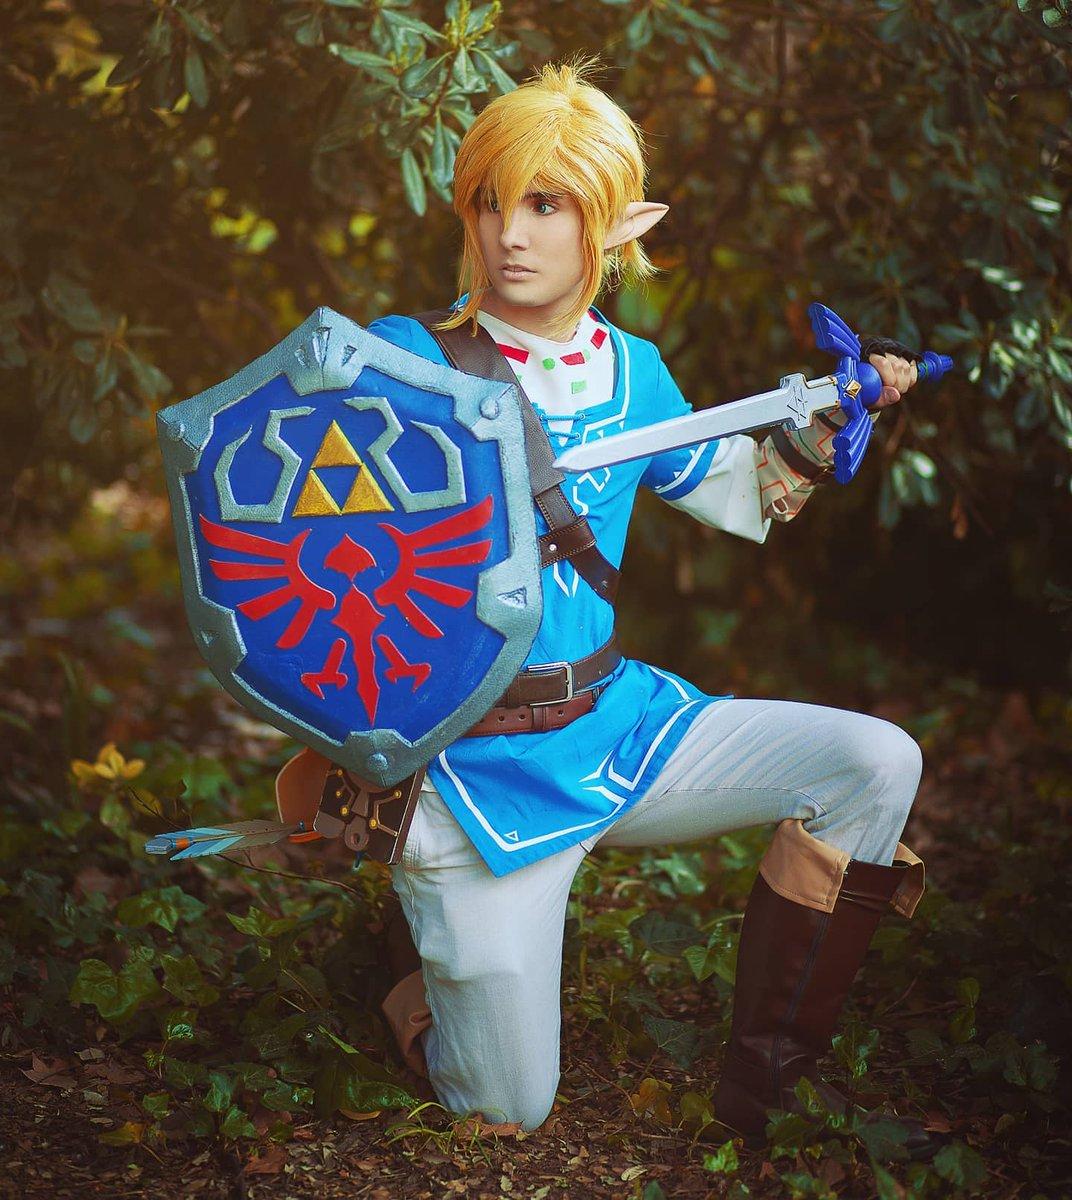 """""""Have the courage to seek the wisdom that will grant you power"""" . Habéis jugado a algún Zelda? Cuál es vuestro favorito? Foto de 📸@irenekuroi  . . . #link #cosplay #cosplayer #zelda #zeldabreathofthewild #breathofthewild #nintendo #linkcosplay #linkcosplayer #cosplayer https://t.co/TsCh8fO4qF"""